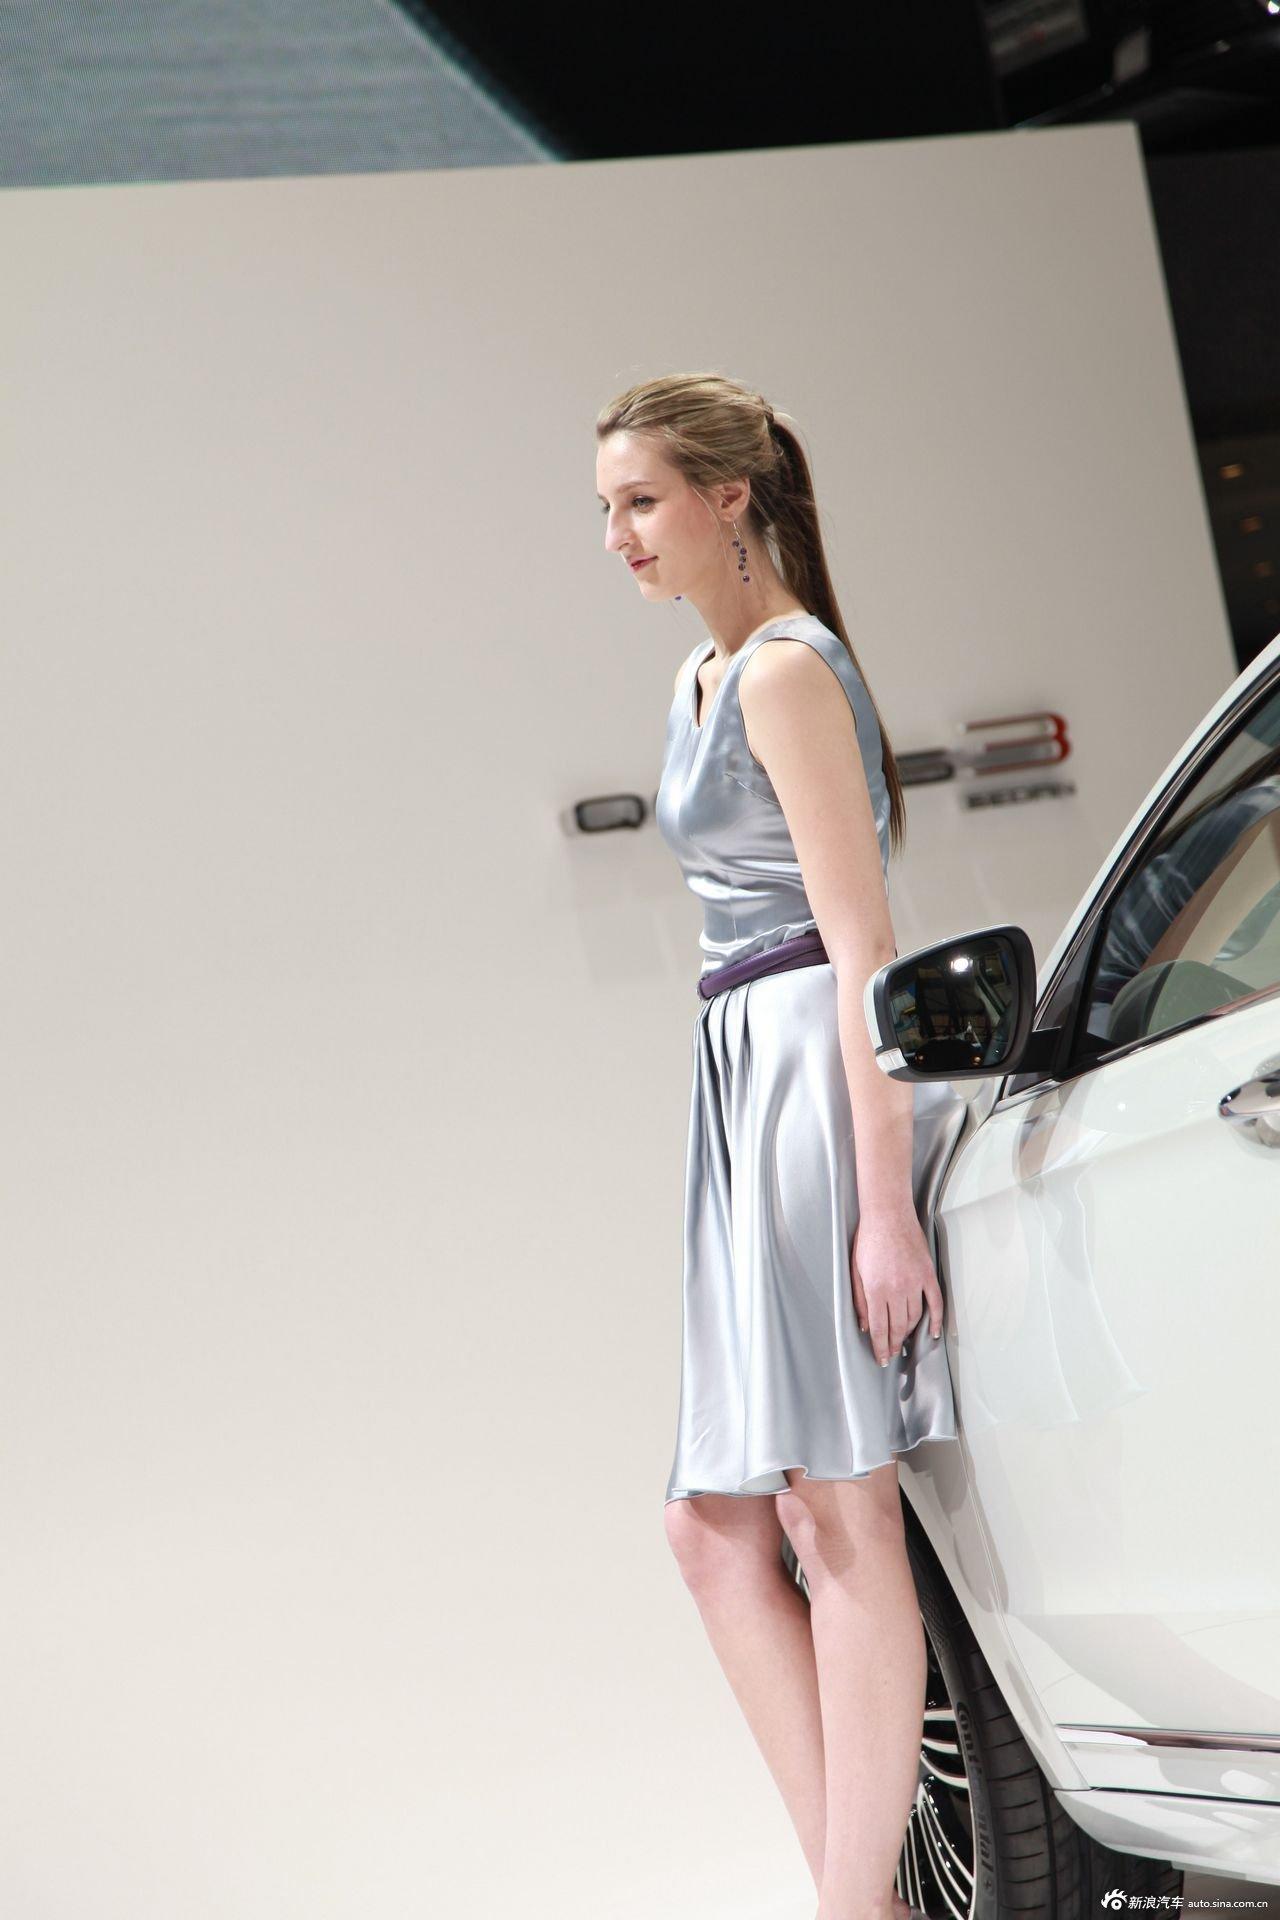 观致 汽车3号模特高清图片